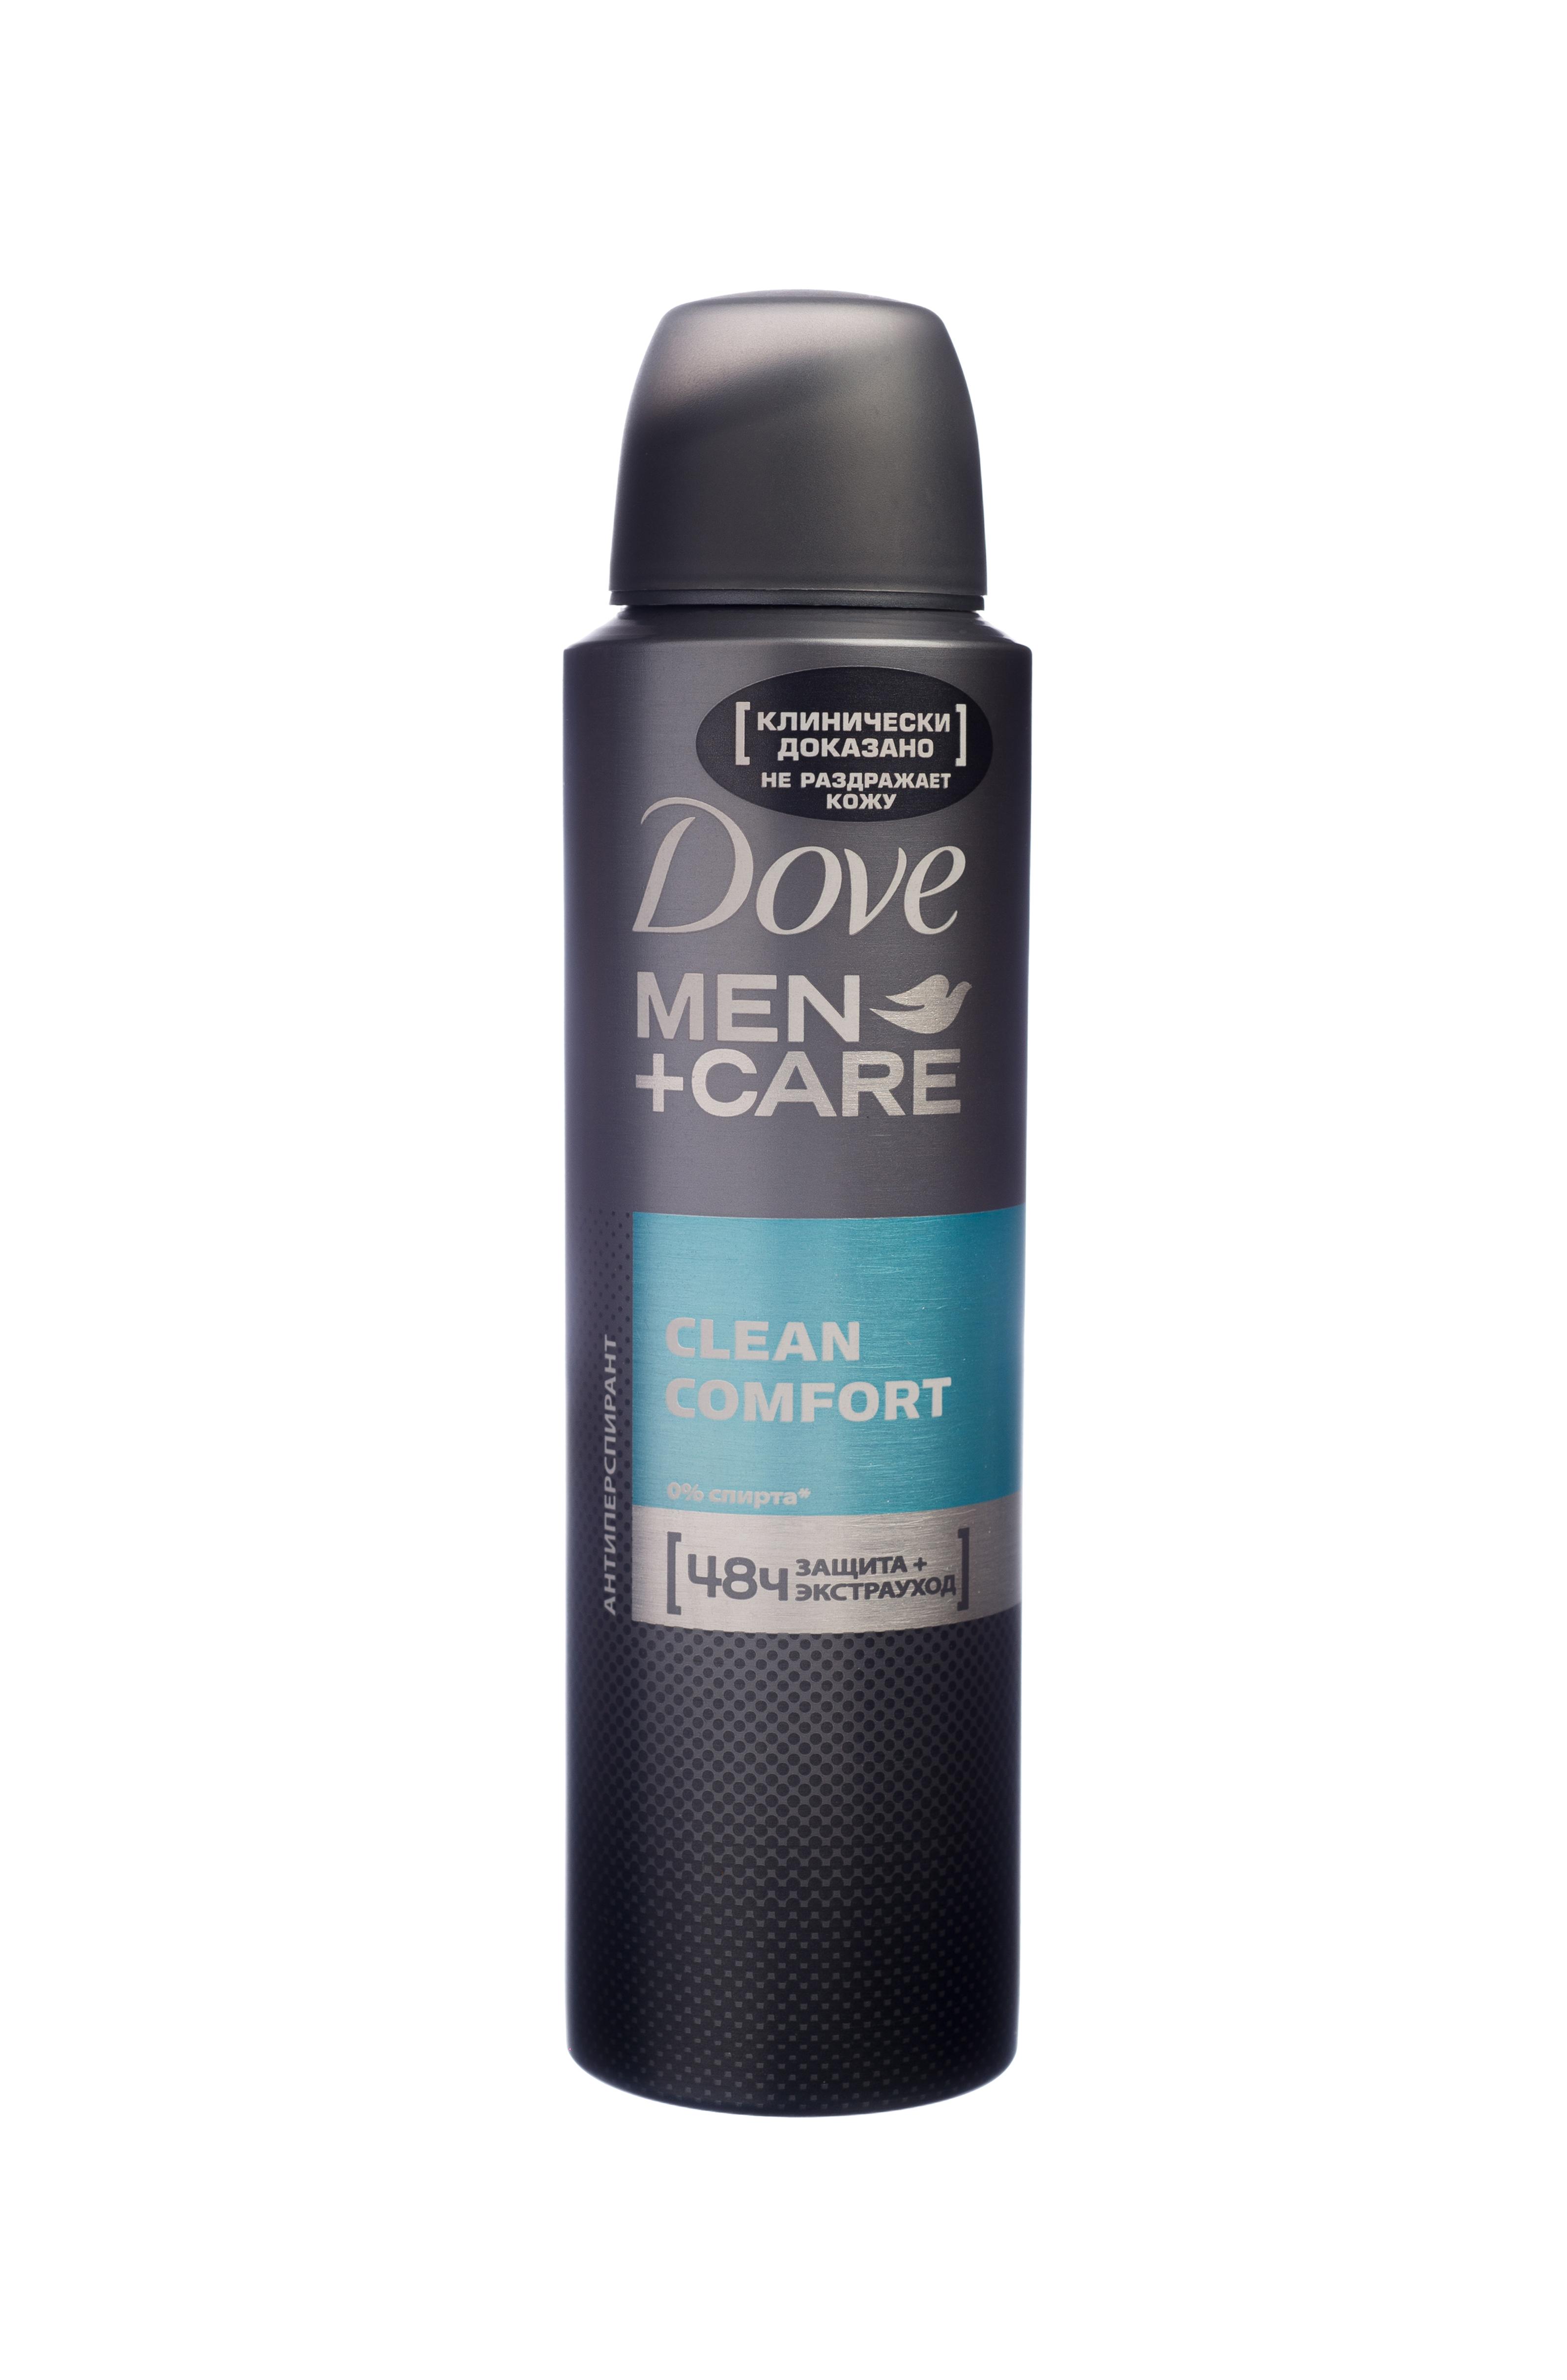 Dove Men+Care Антиперспирант аэрозоль Экстразащита и уход 150 мл дезодорант антиперспирант ролик мягкость хлопка 50мл dove